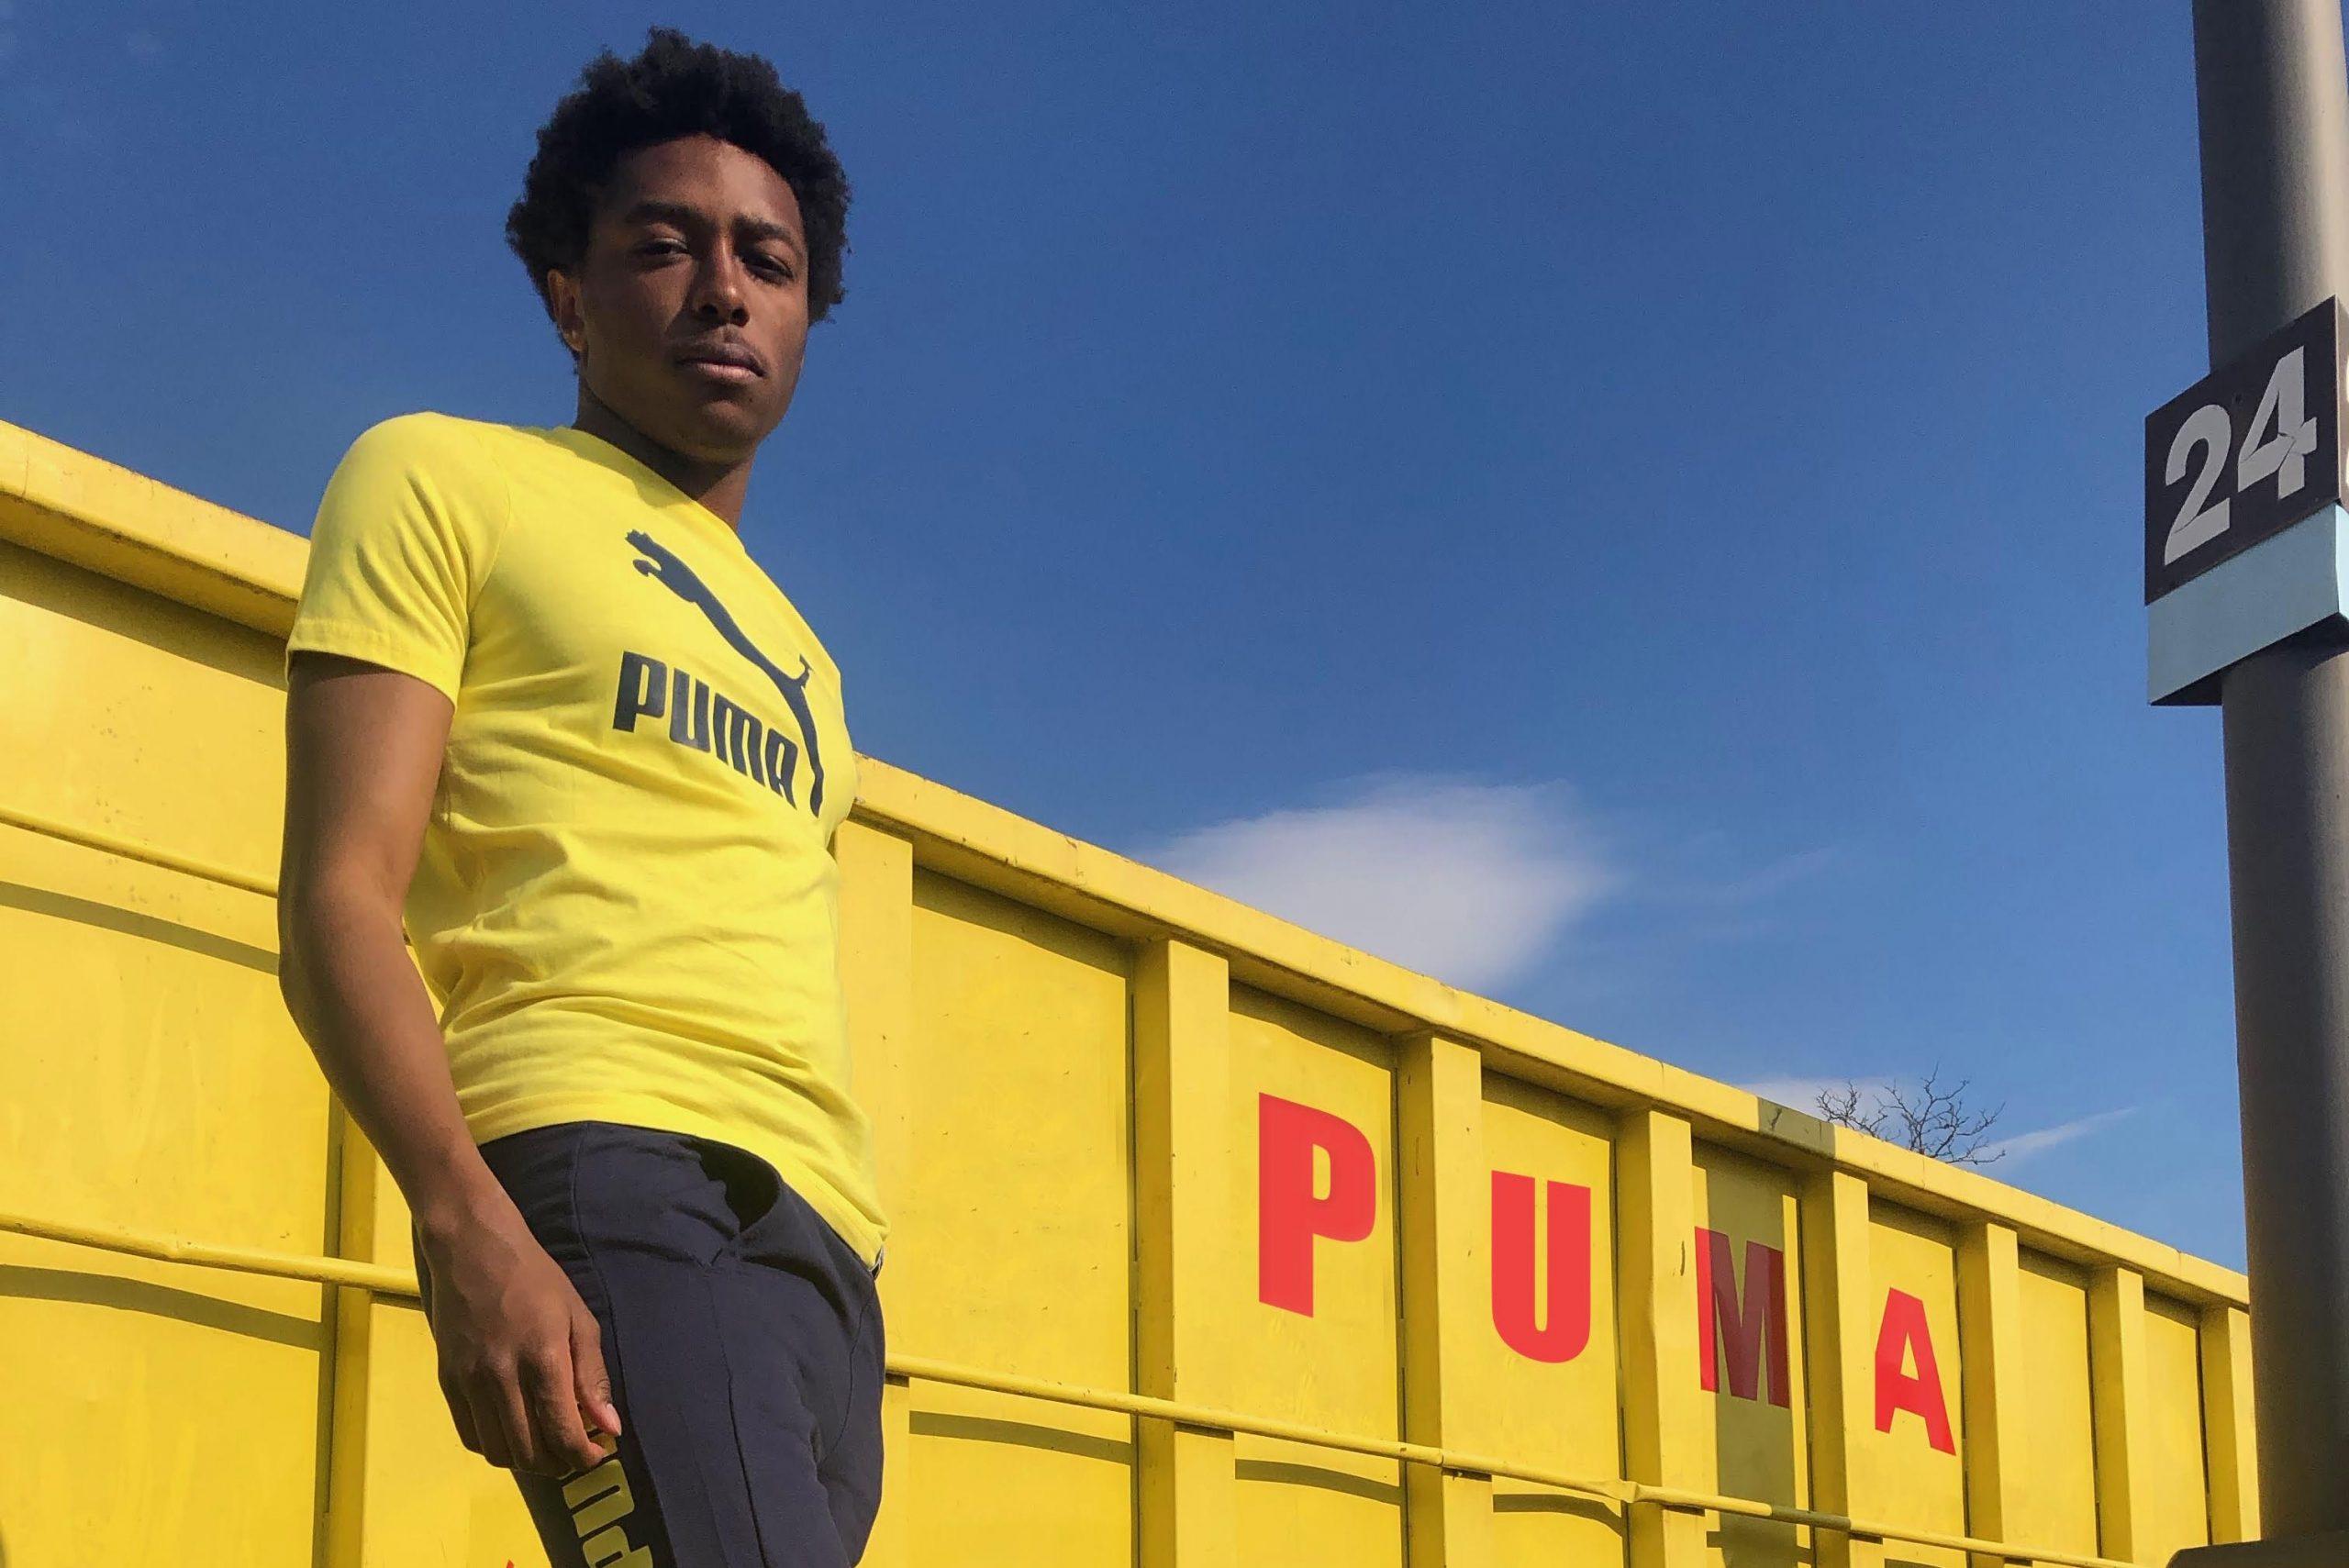 Malcolm Jones '18 serves as a social media influencer for brands like Puma.